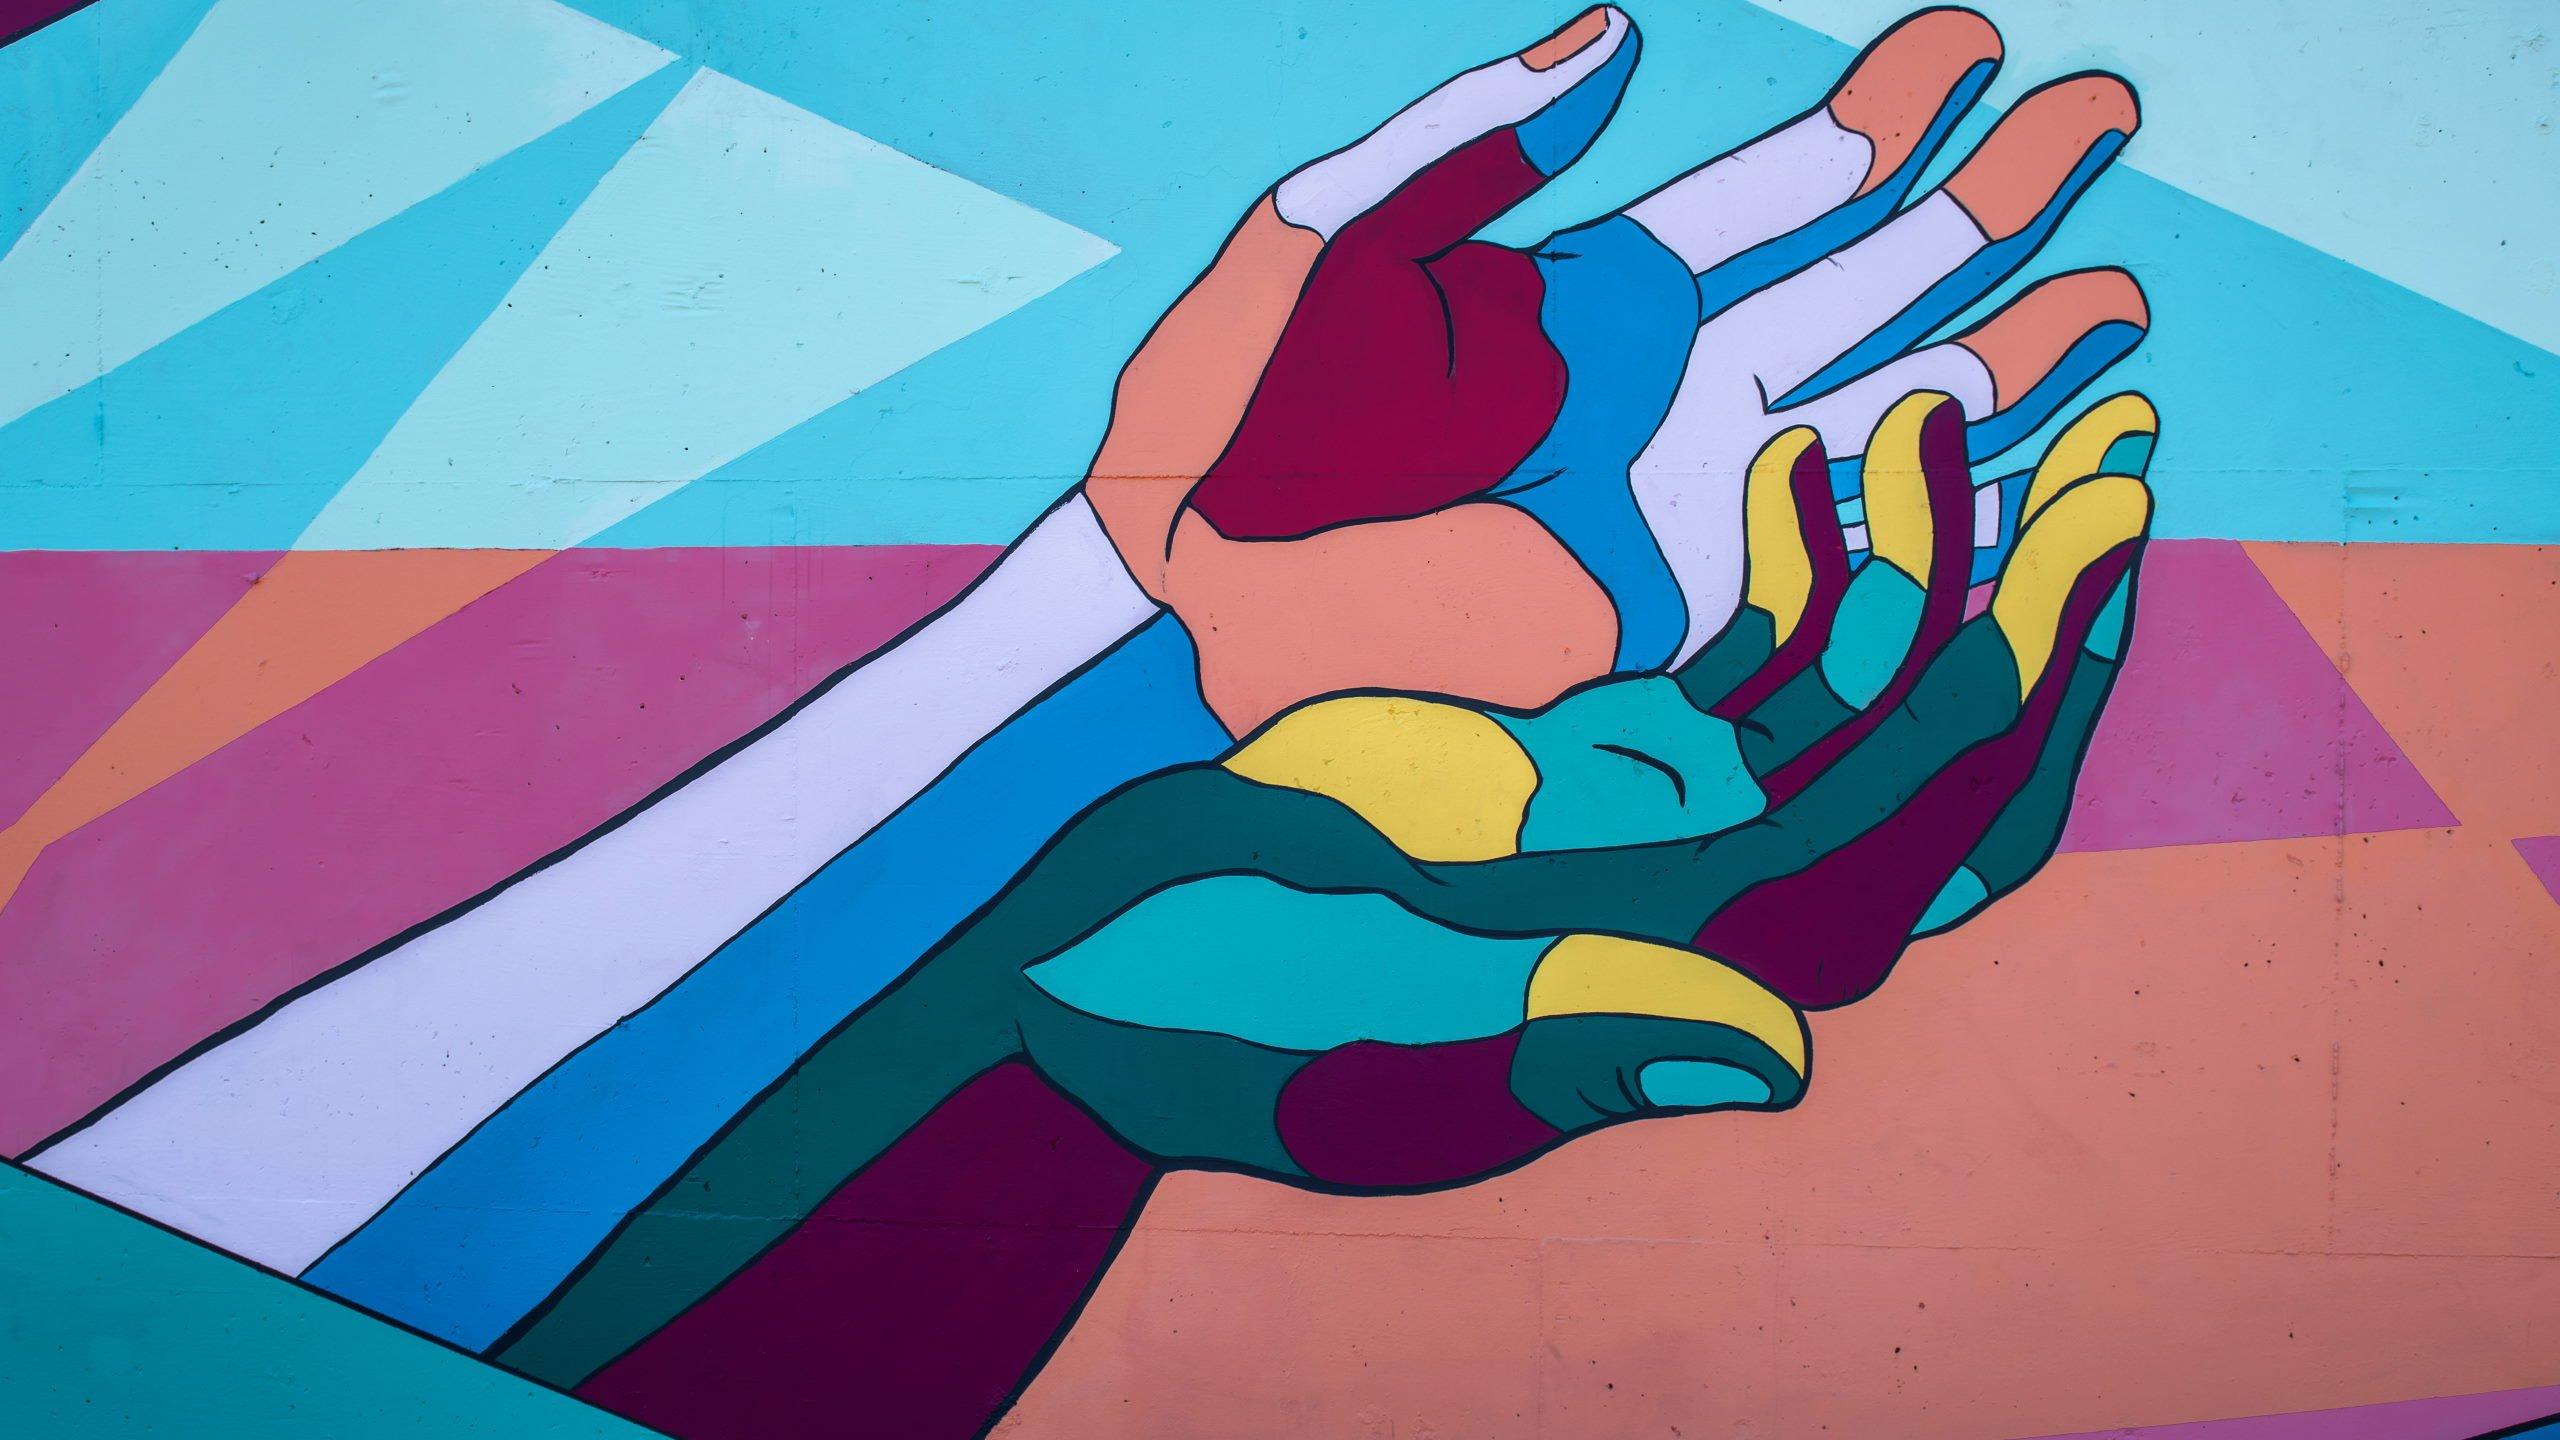 colorful hands help stock unpslash